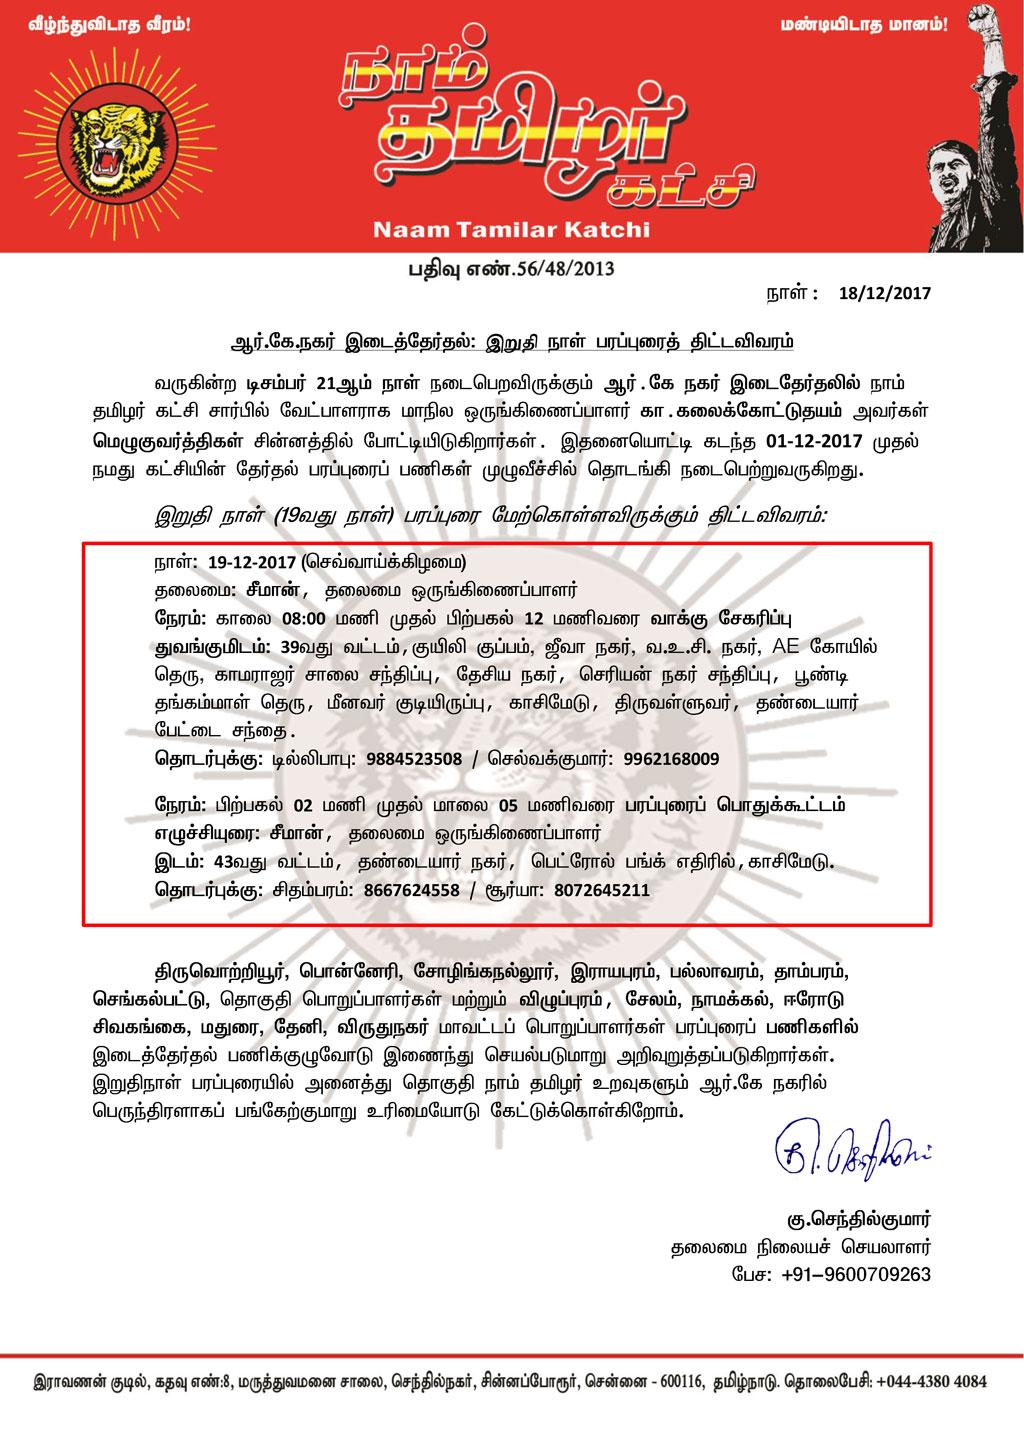 அறிவிப்பு; ஆர்.கே நகர் இடைத்தேர்தல்: 19-12-2017 இறுதி நாள் பரப்புரை | சீமான் வாக்கு சேகரிப்பு மற்றும் பொதுக்கூட்டம் rk nagar by poll election campaign seeman kalaikottuthayam naam tamilar katchi day 19 12 2017